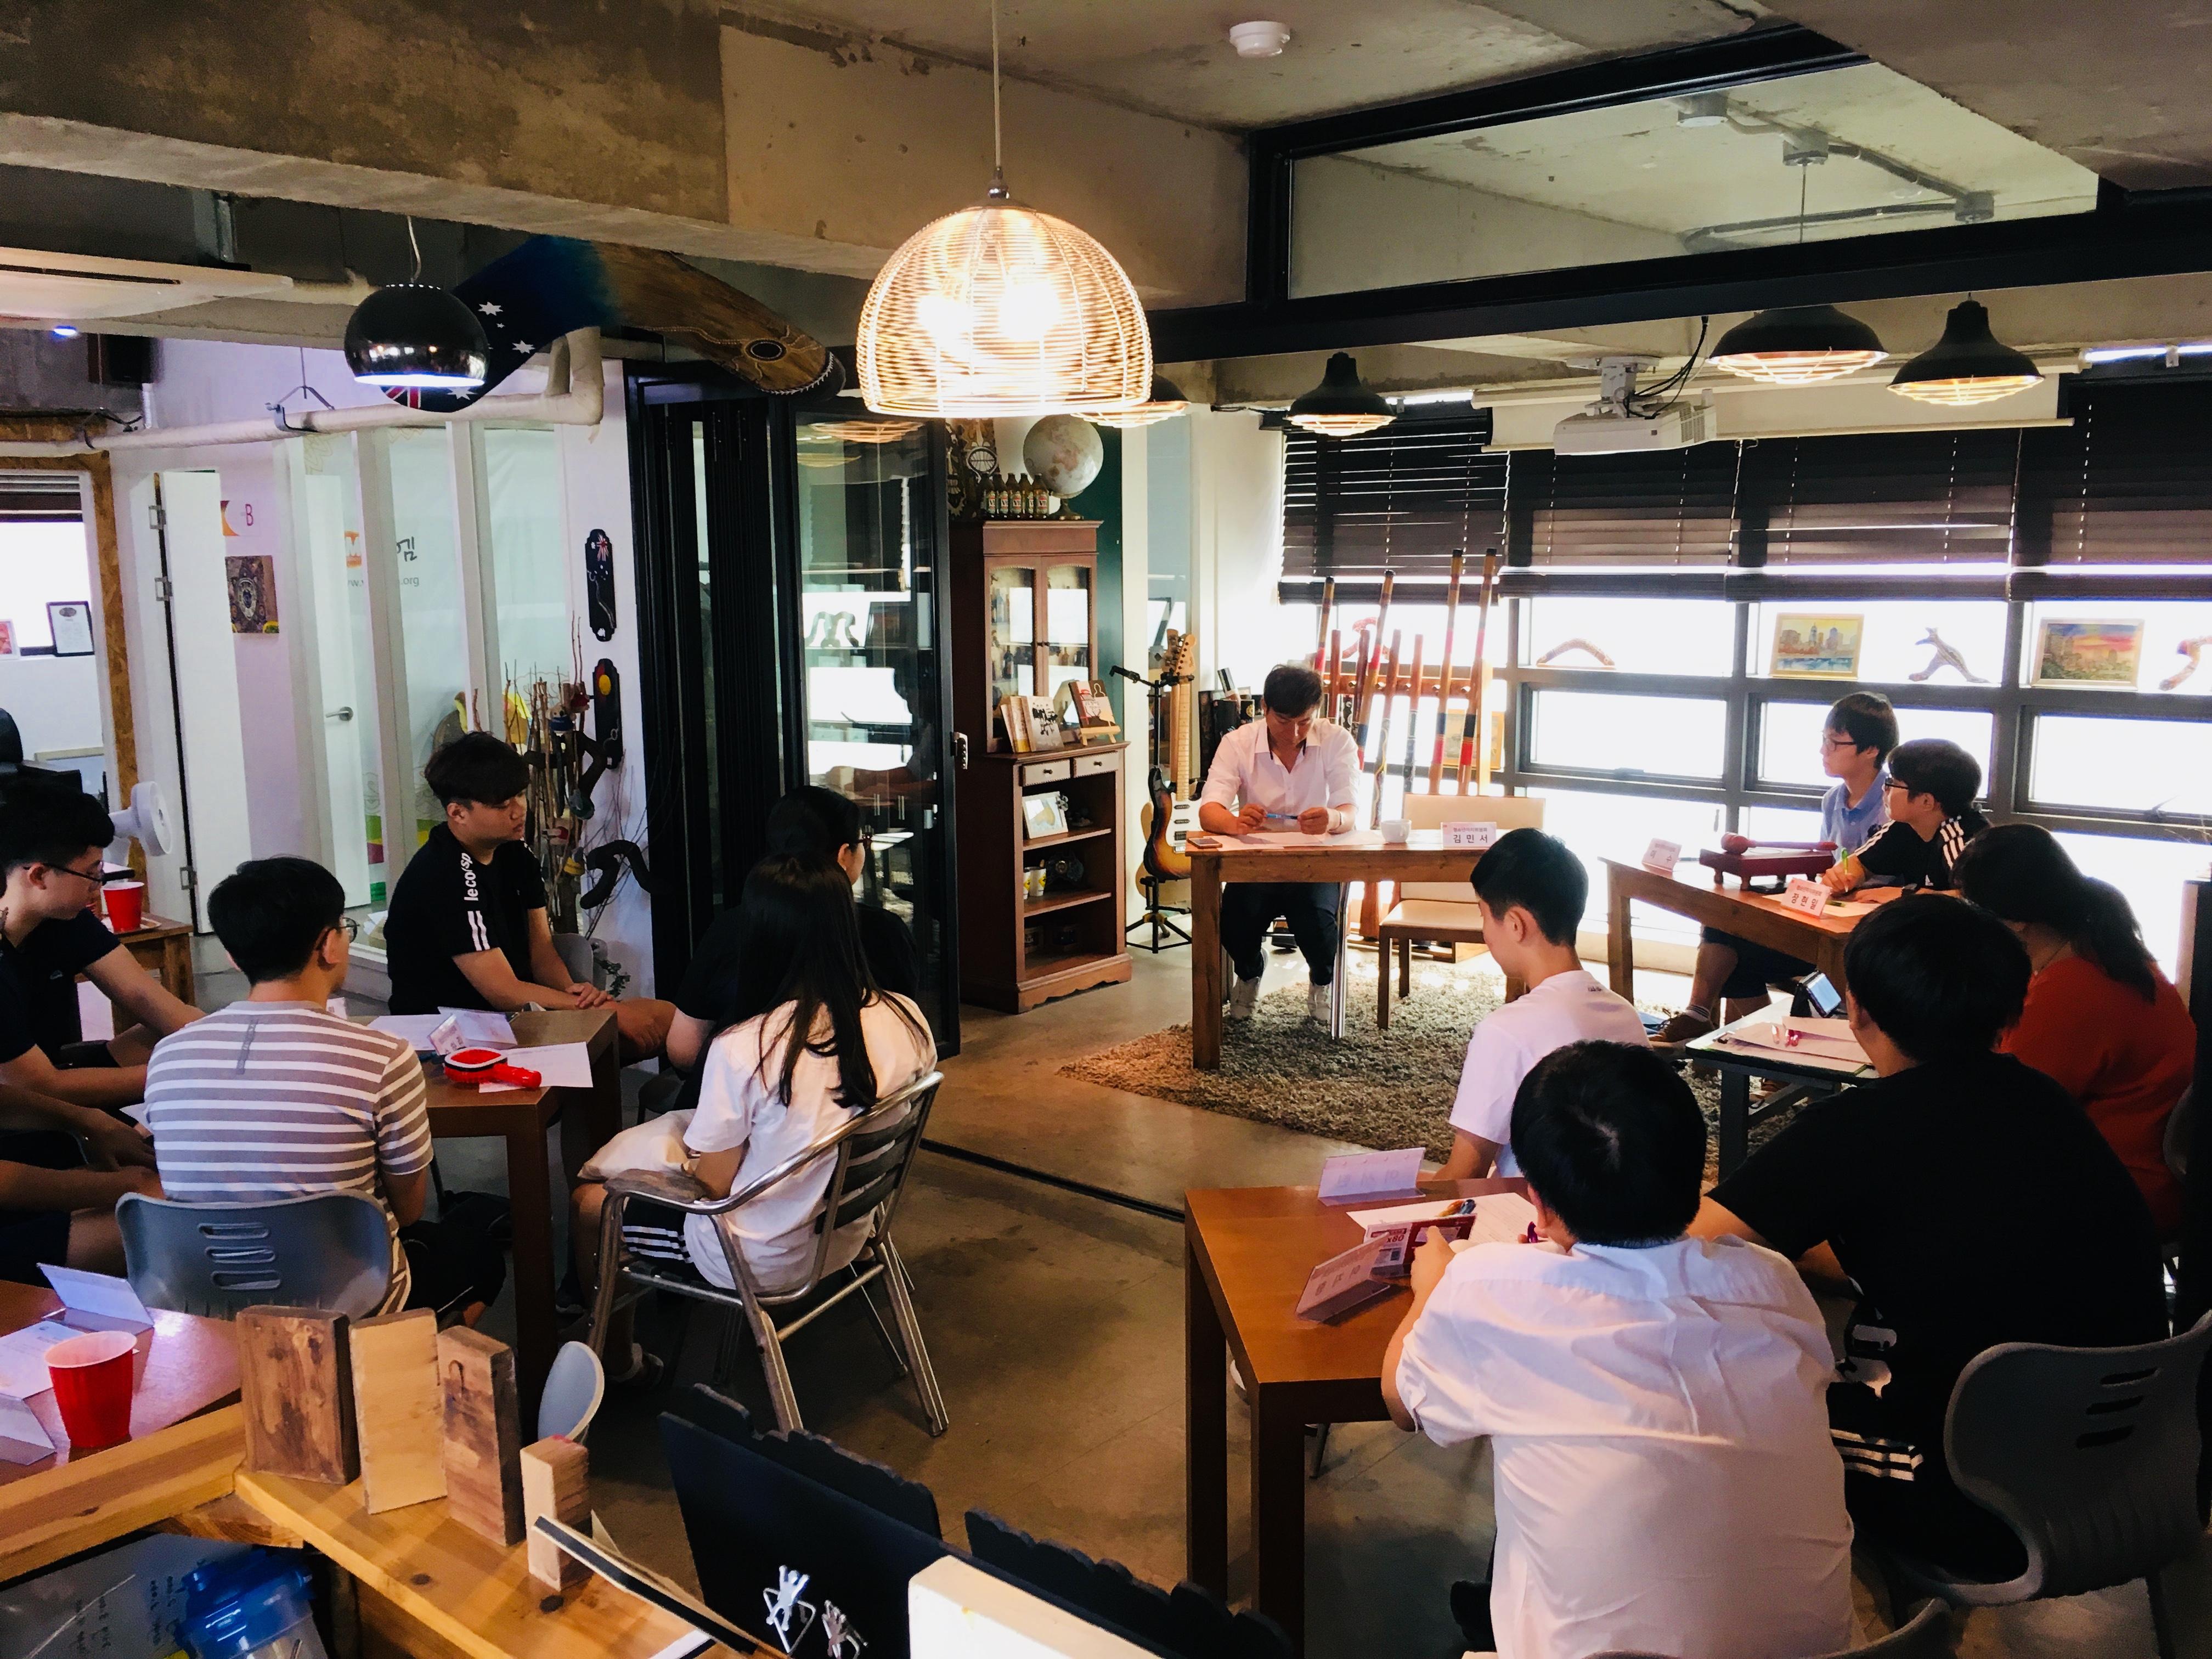 2018 08 18 청소년자치위원회 2차회의 사진01